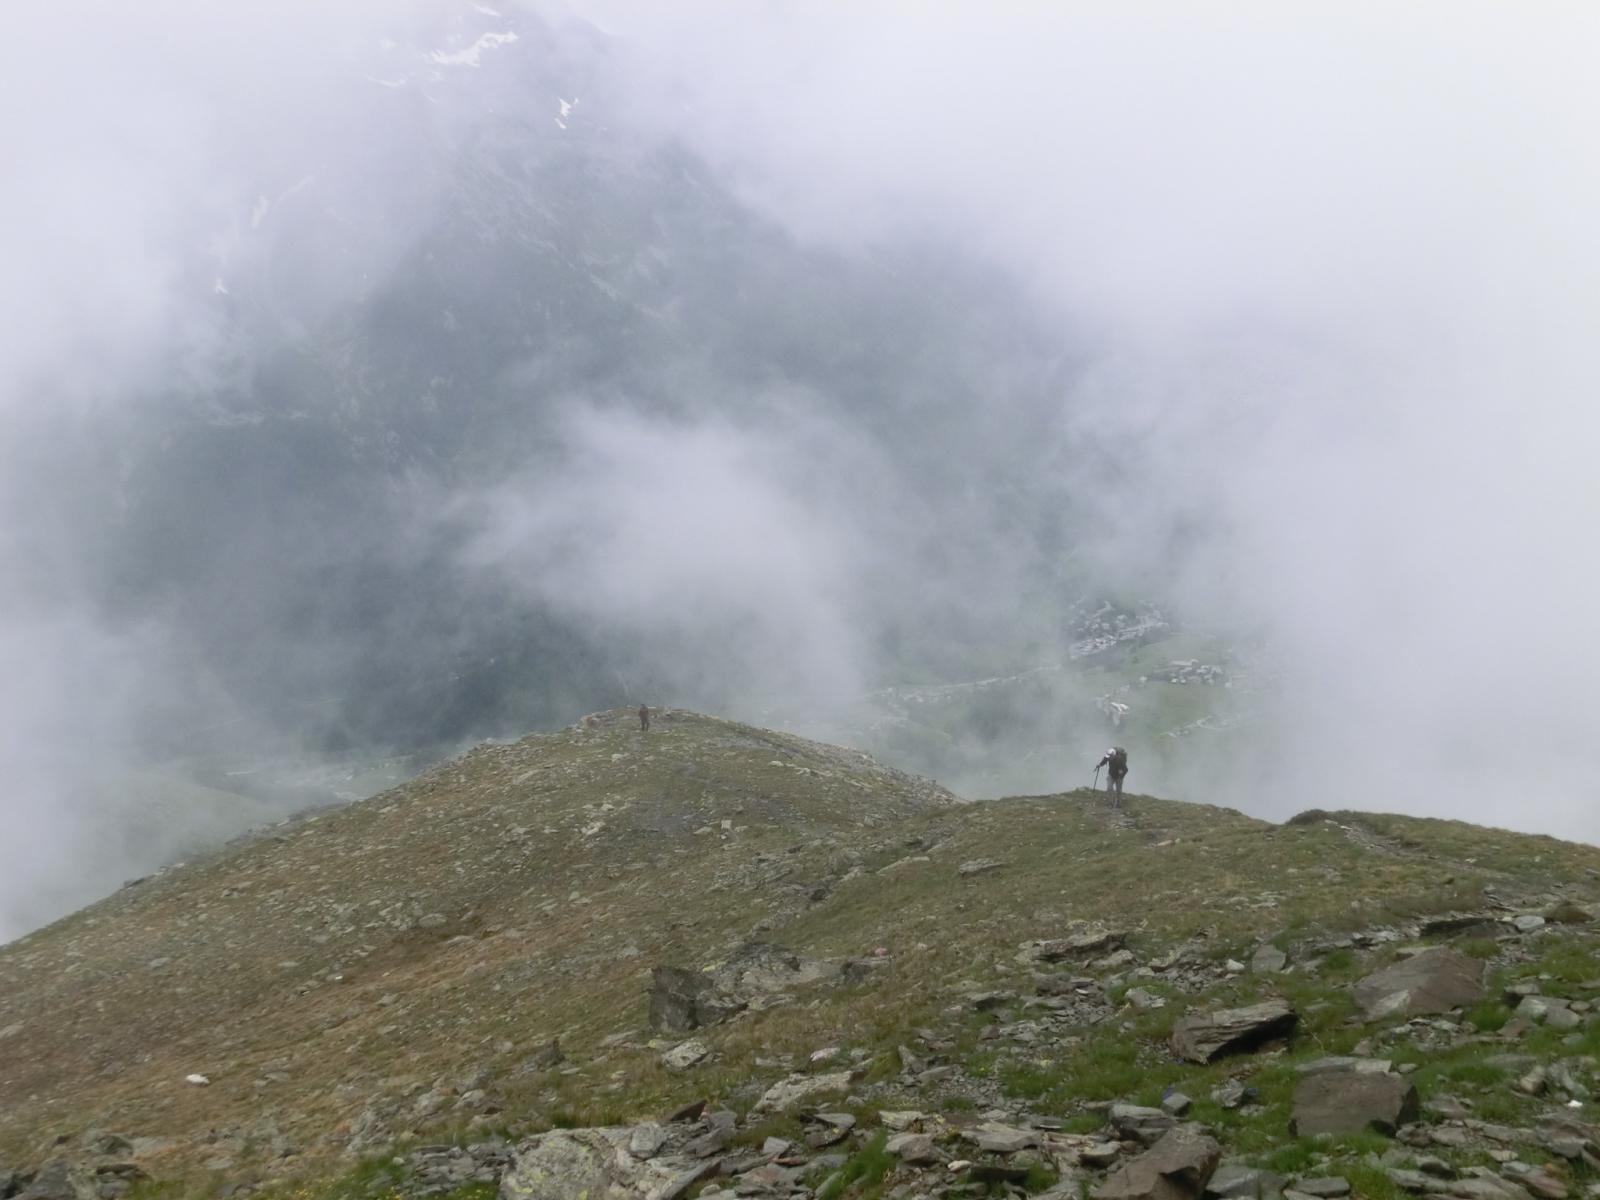 La nuvolosità ha avvolto le cime per quasi tutto il giorno